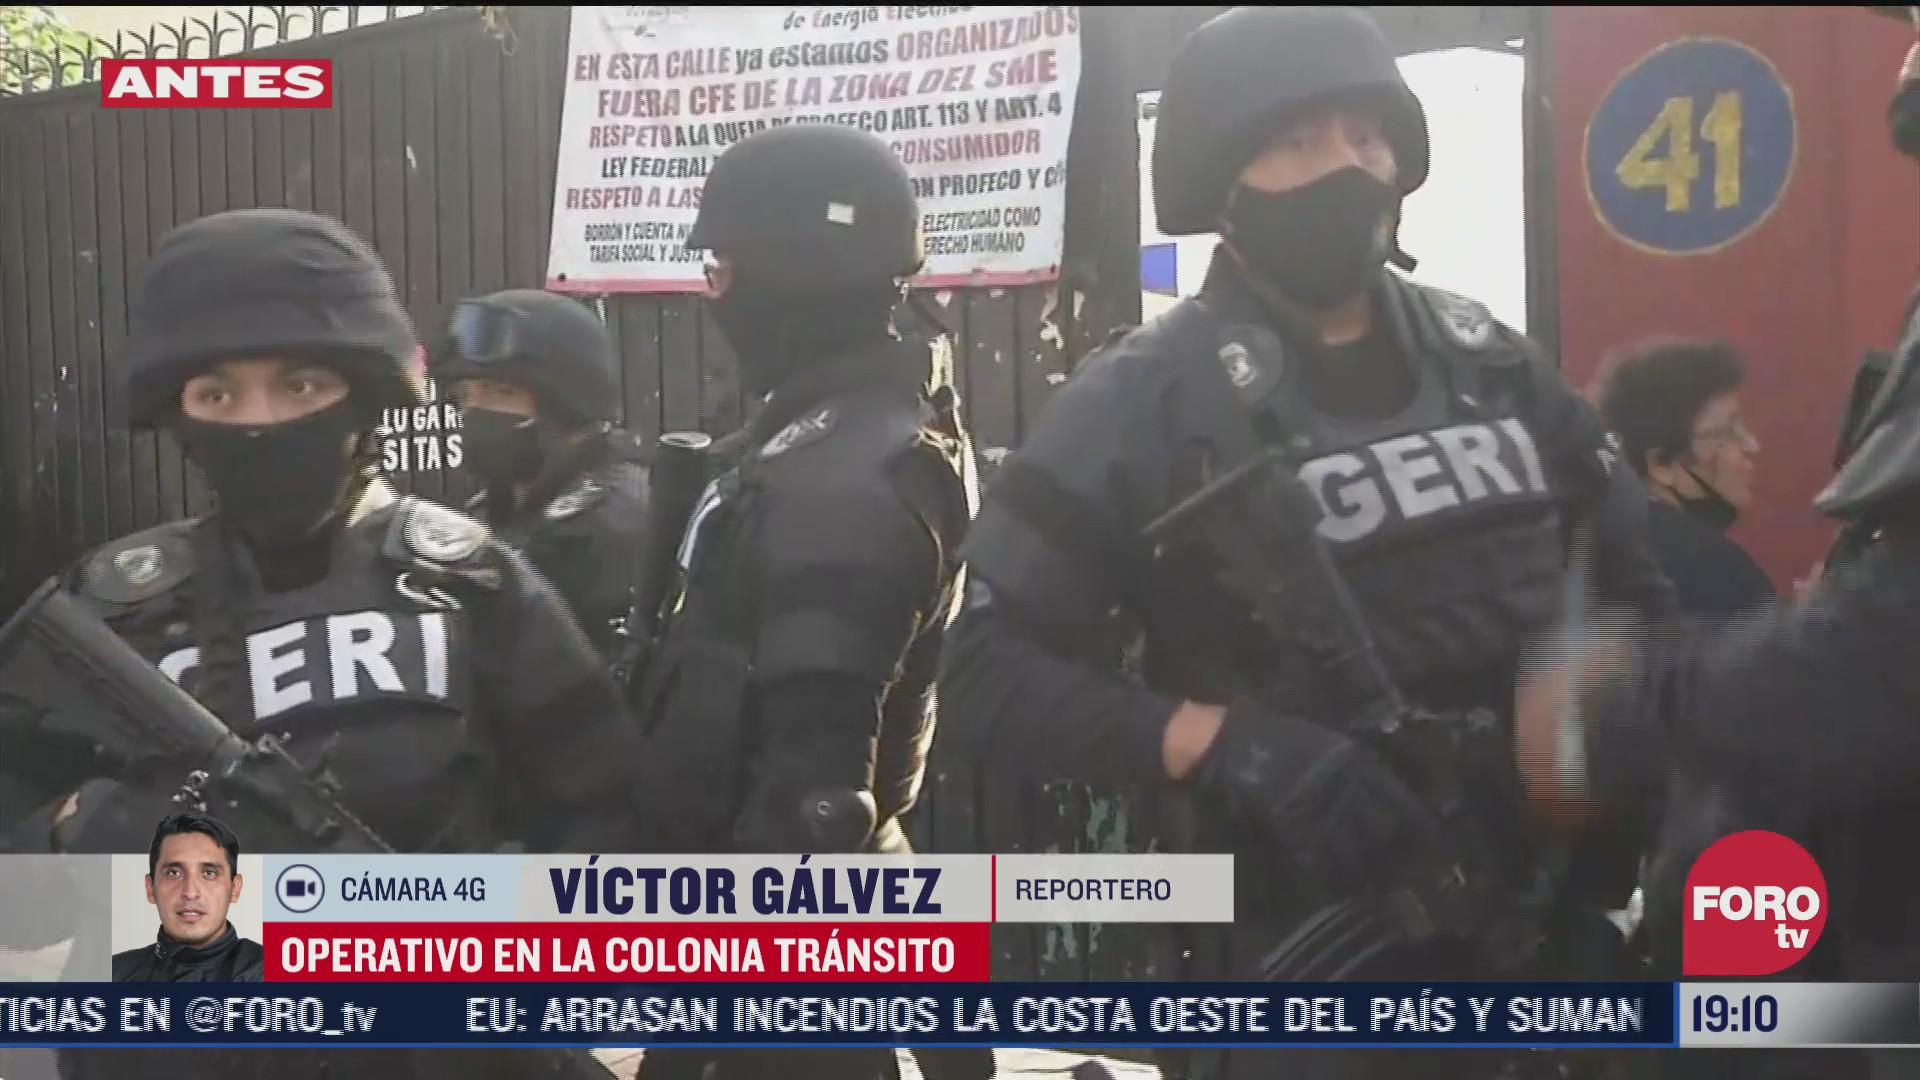 policia cdmx realiza operativo en la colonia transito